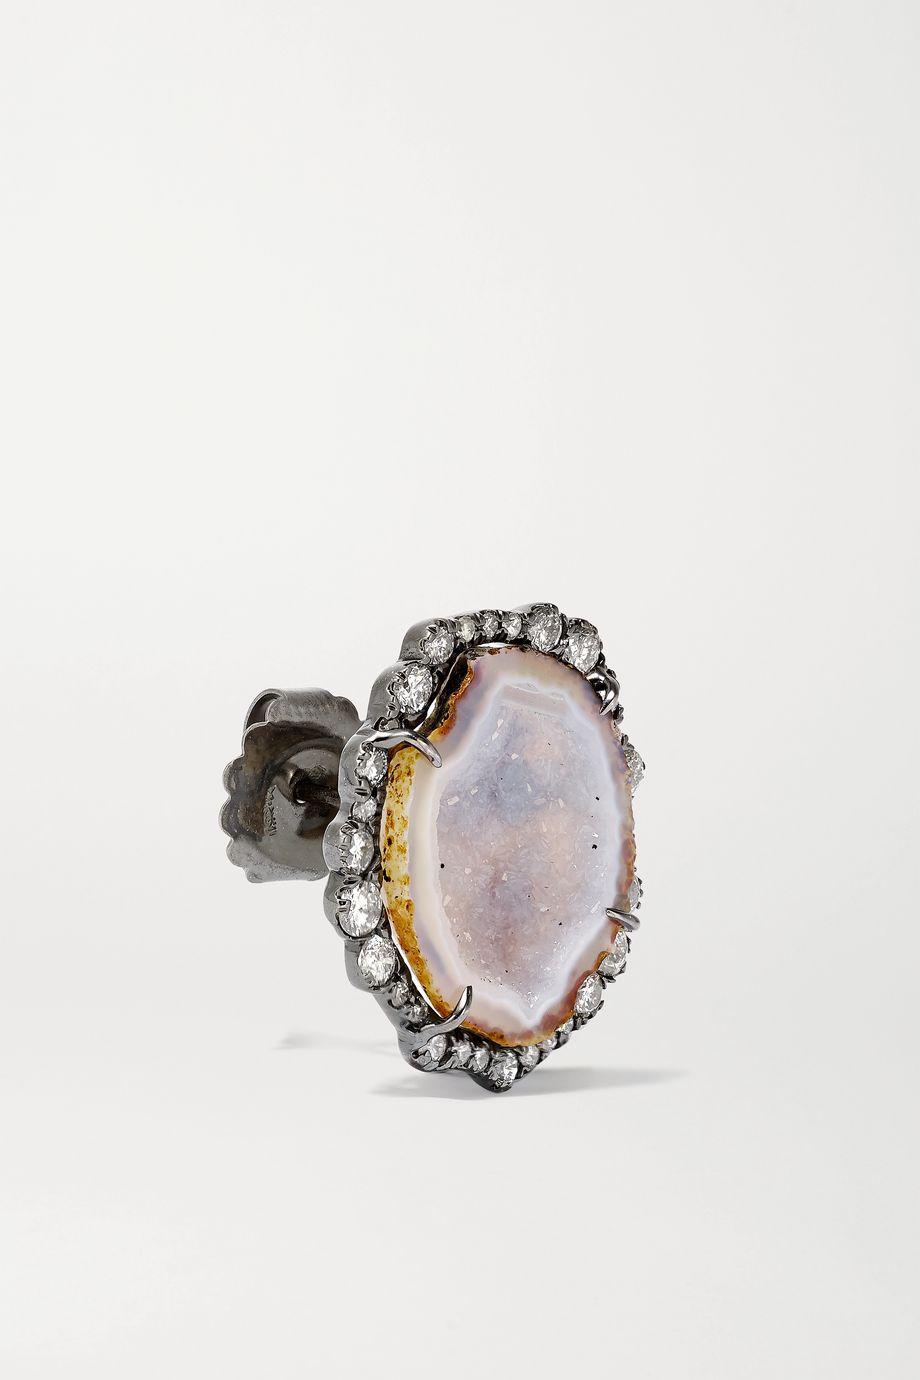 Kimberly McDonald Boucles d'oreilles en or blanc 18carats noirci, géodes et diamants